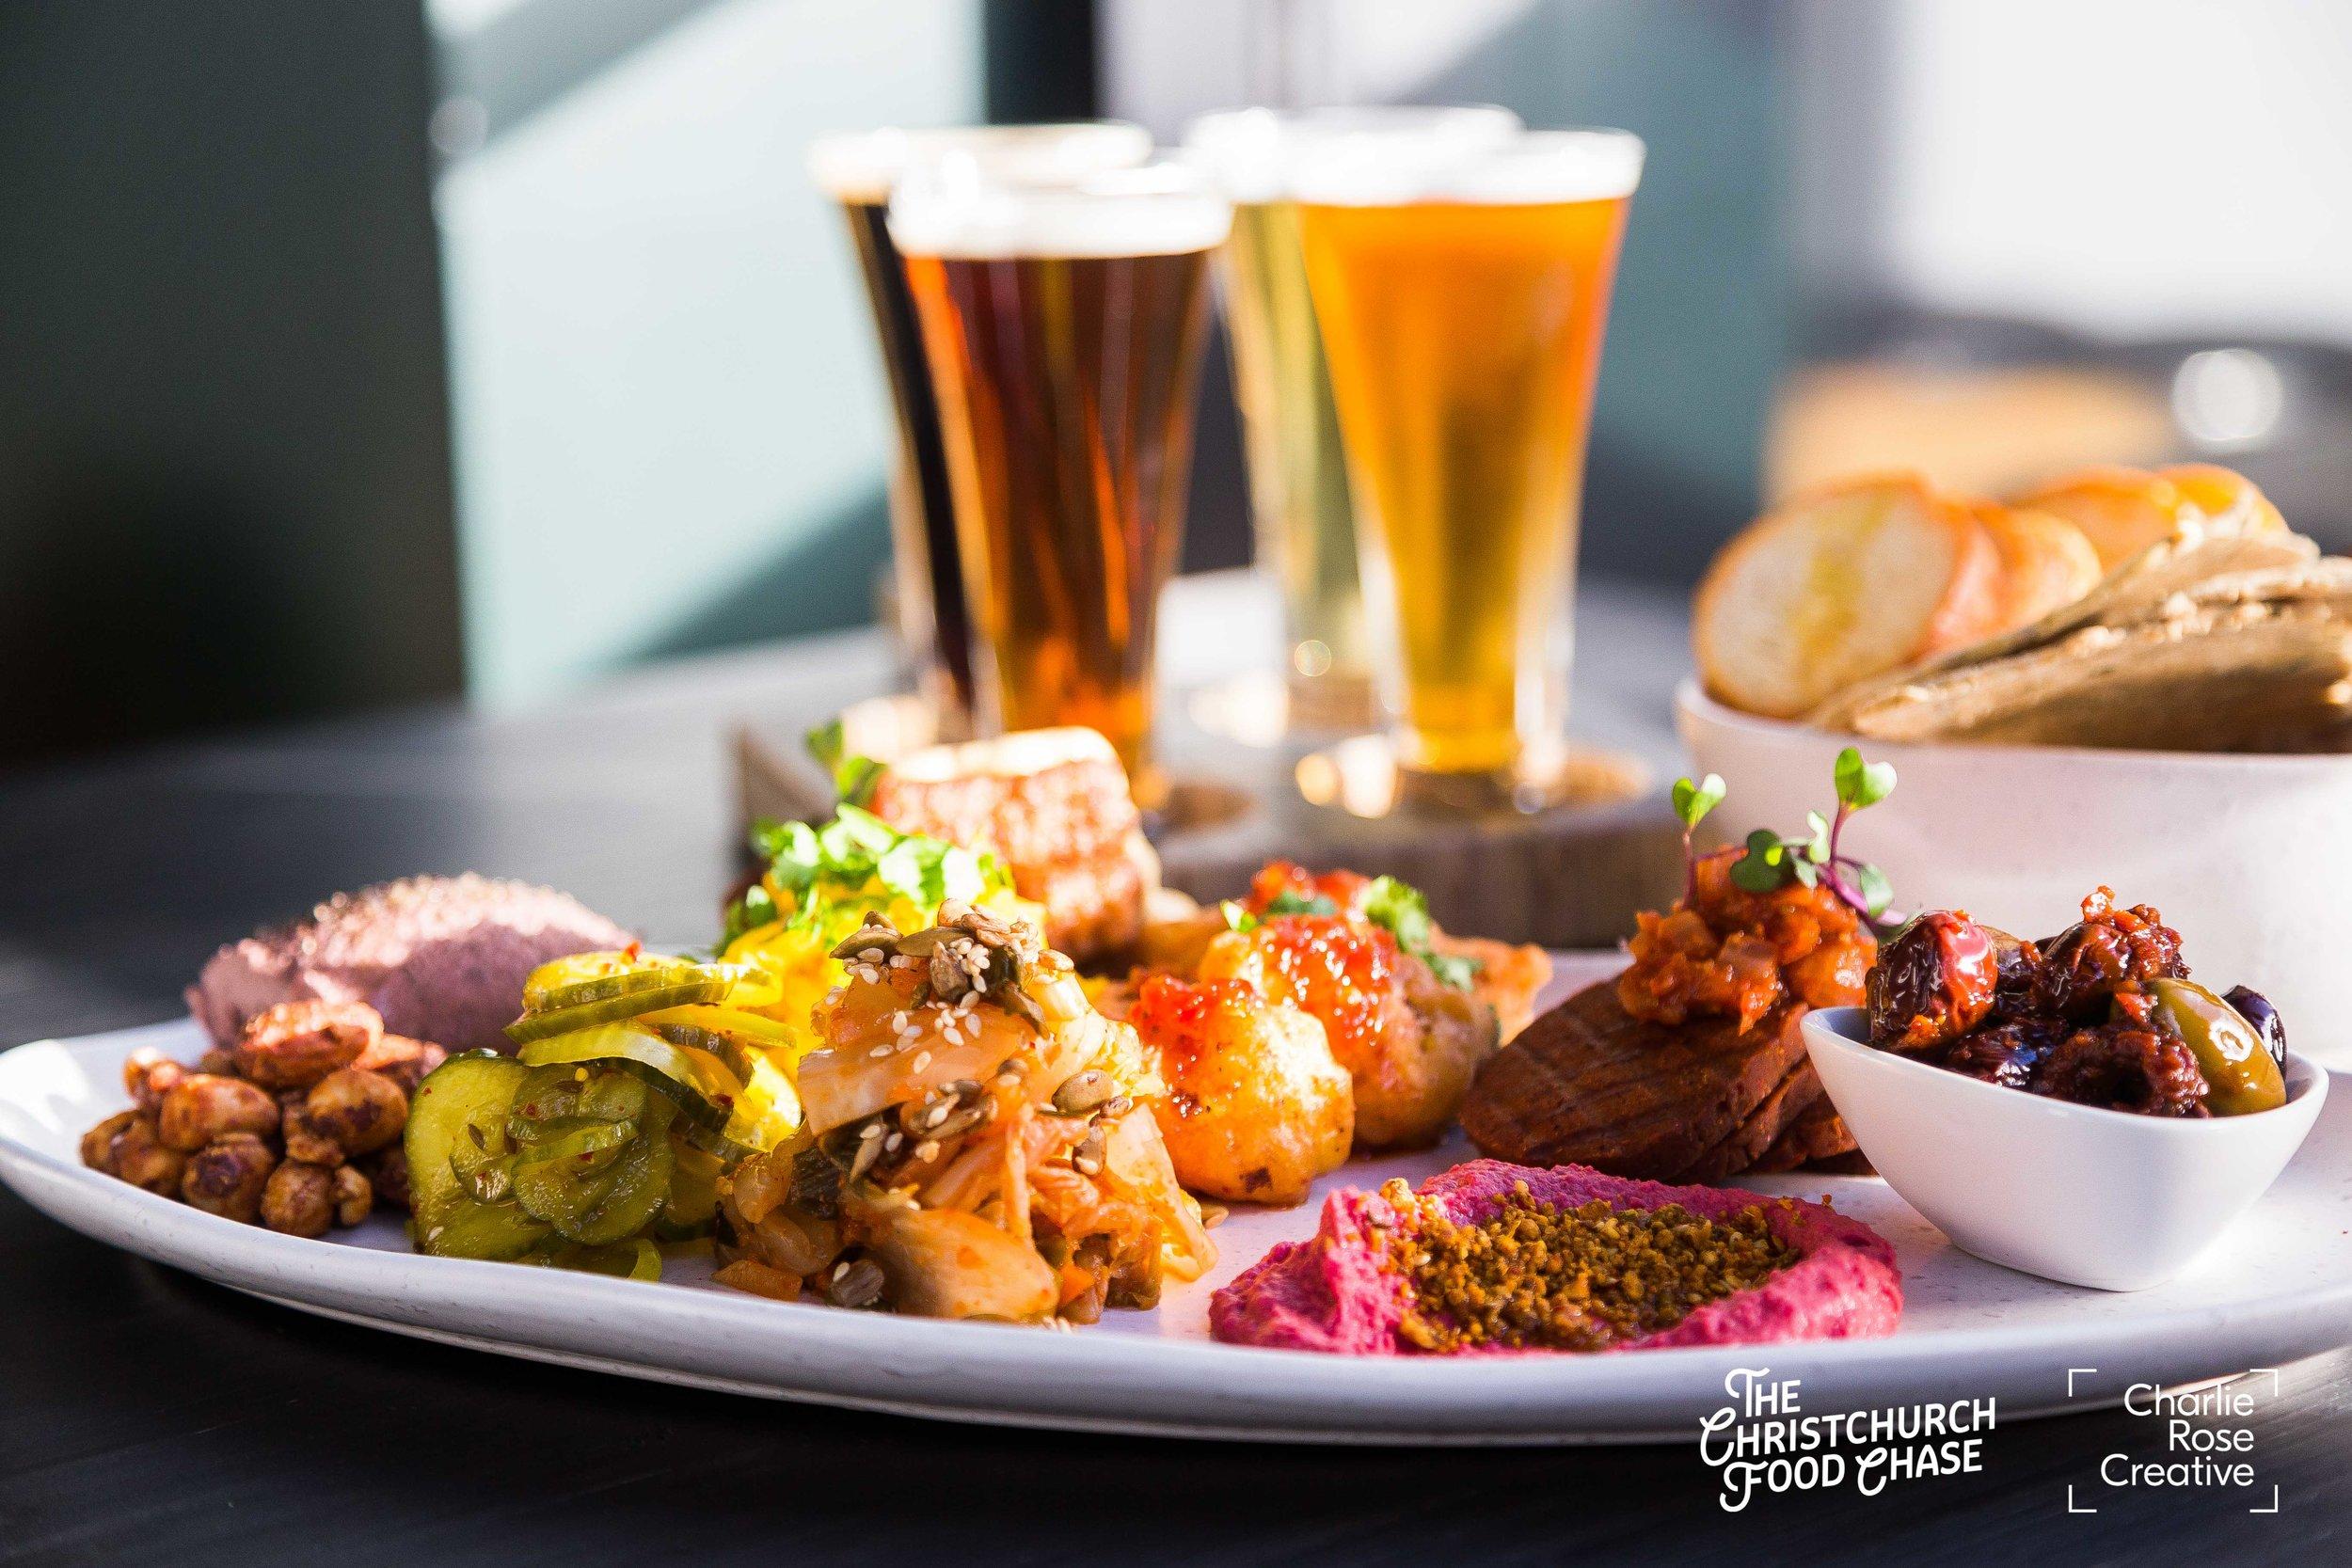 Highest-Rated Dish (Runner-up): The Fermentist - Tasting Platter -